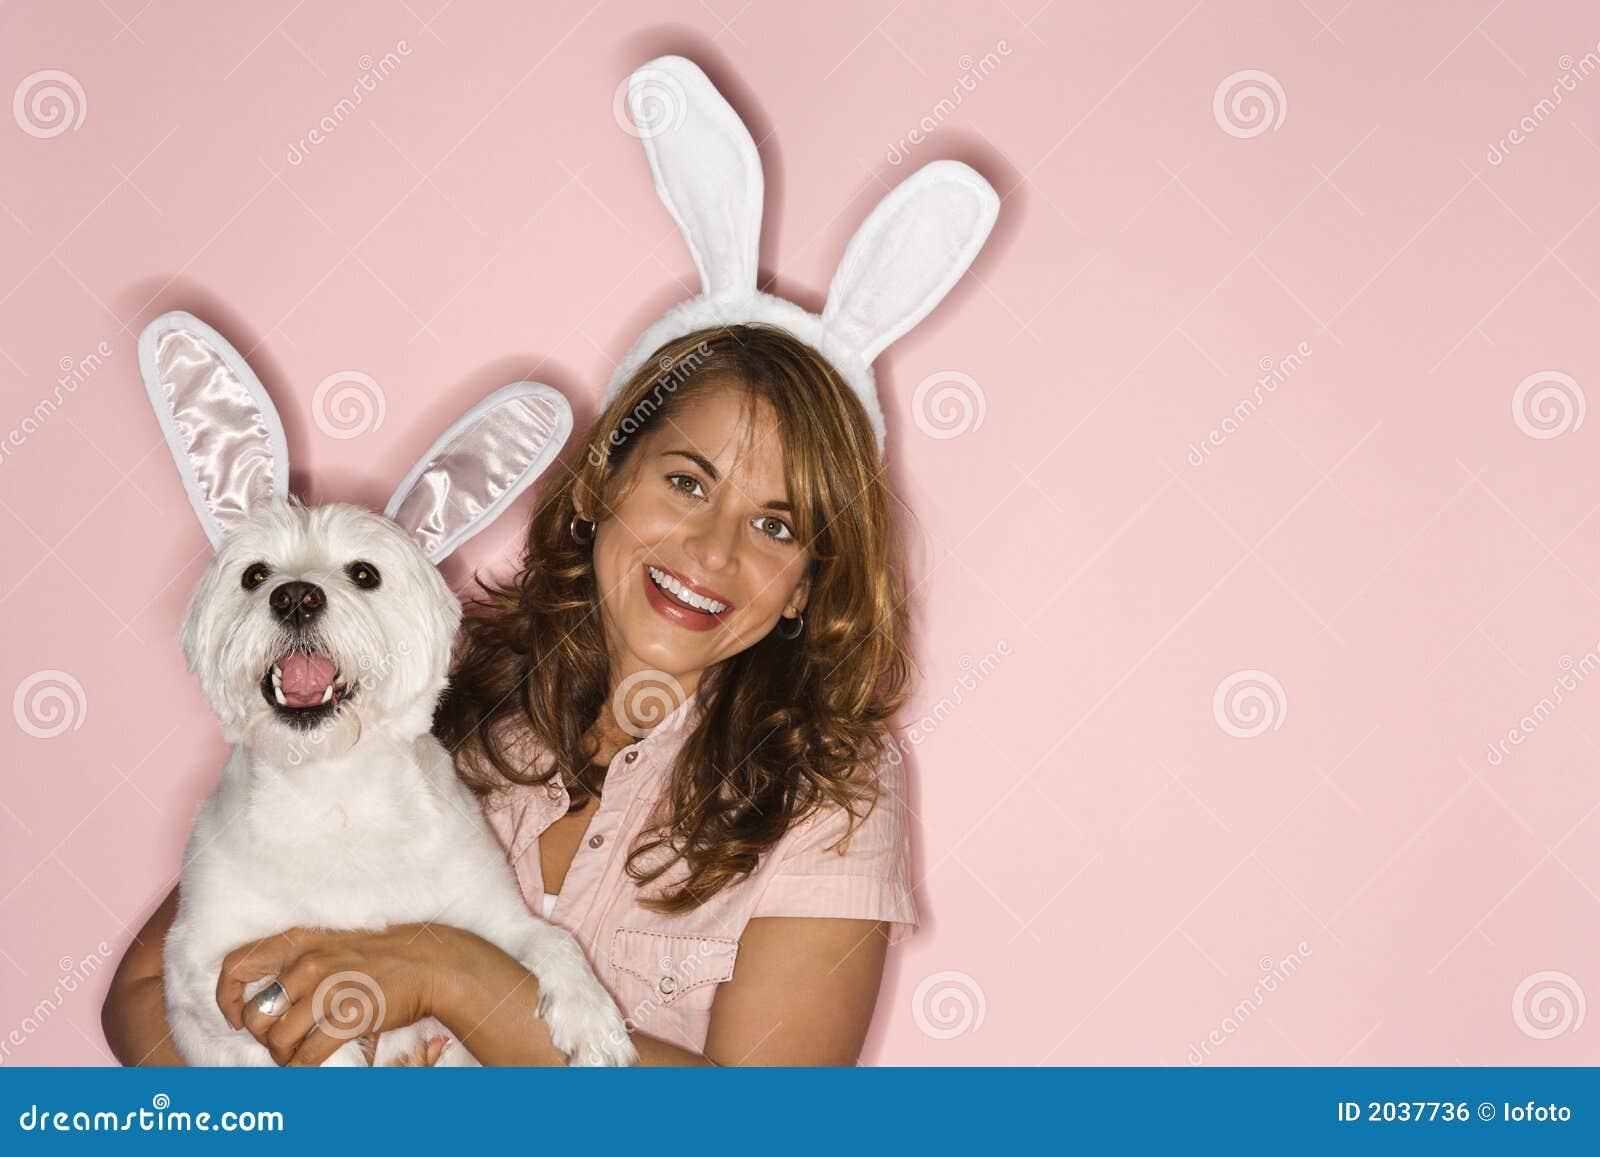 搭扣吊耳兔子佩带的白人妇女